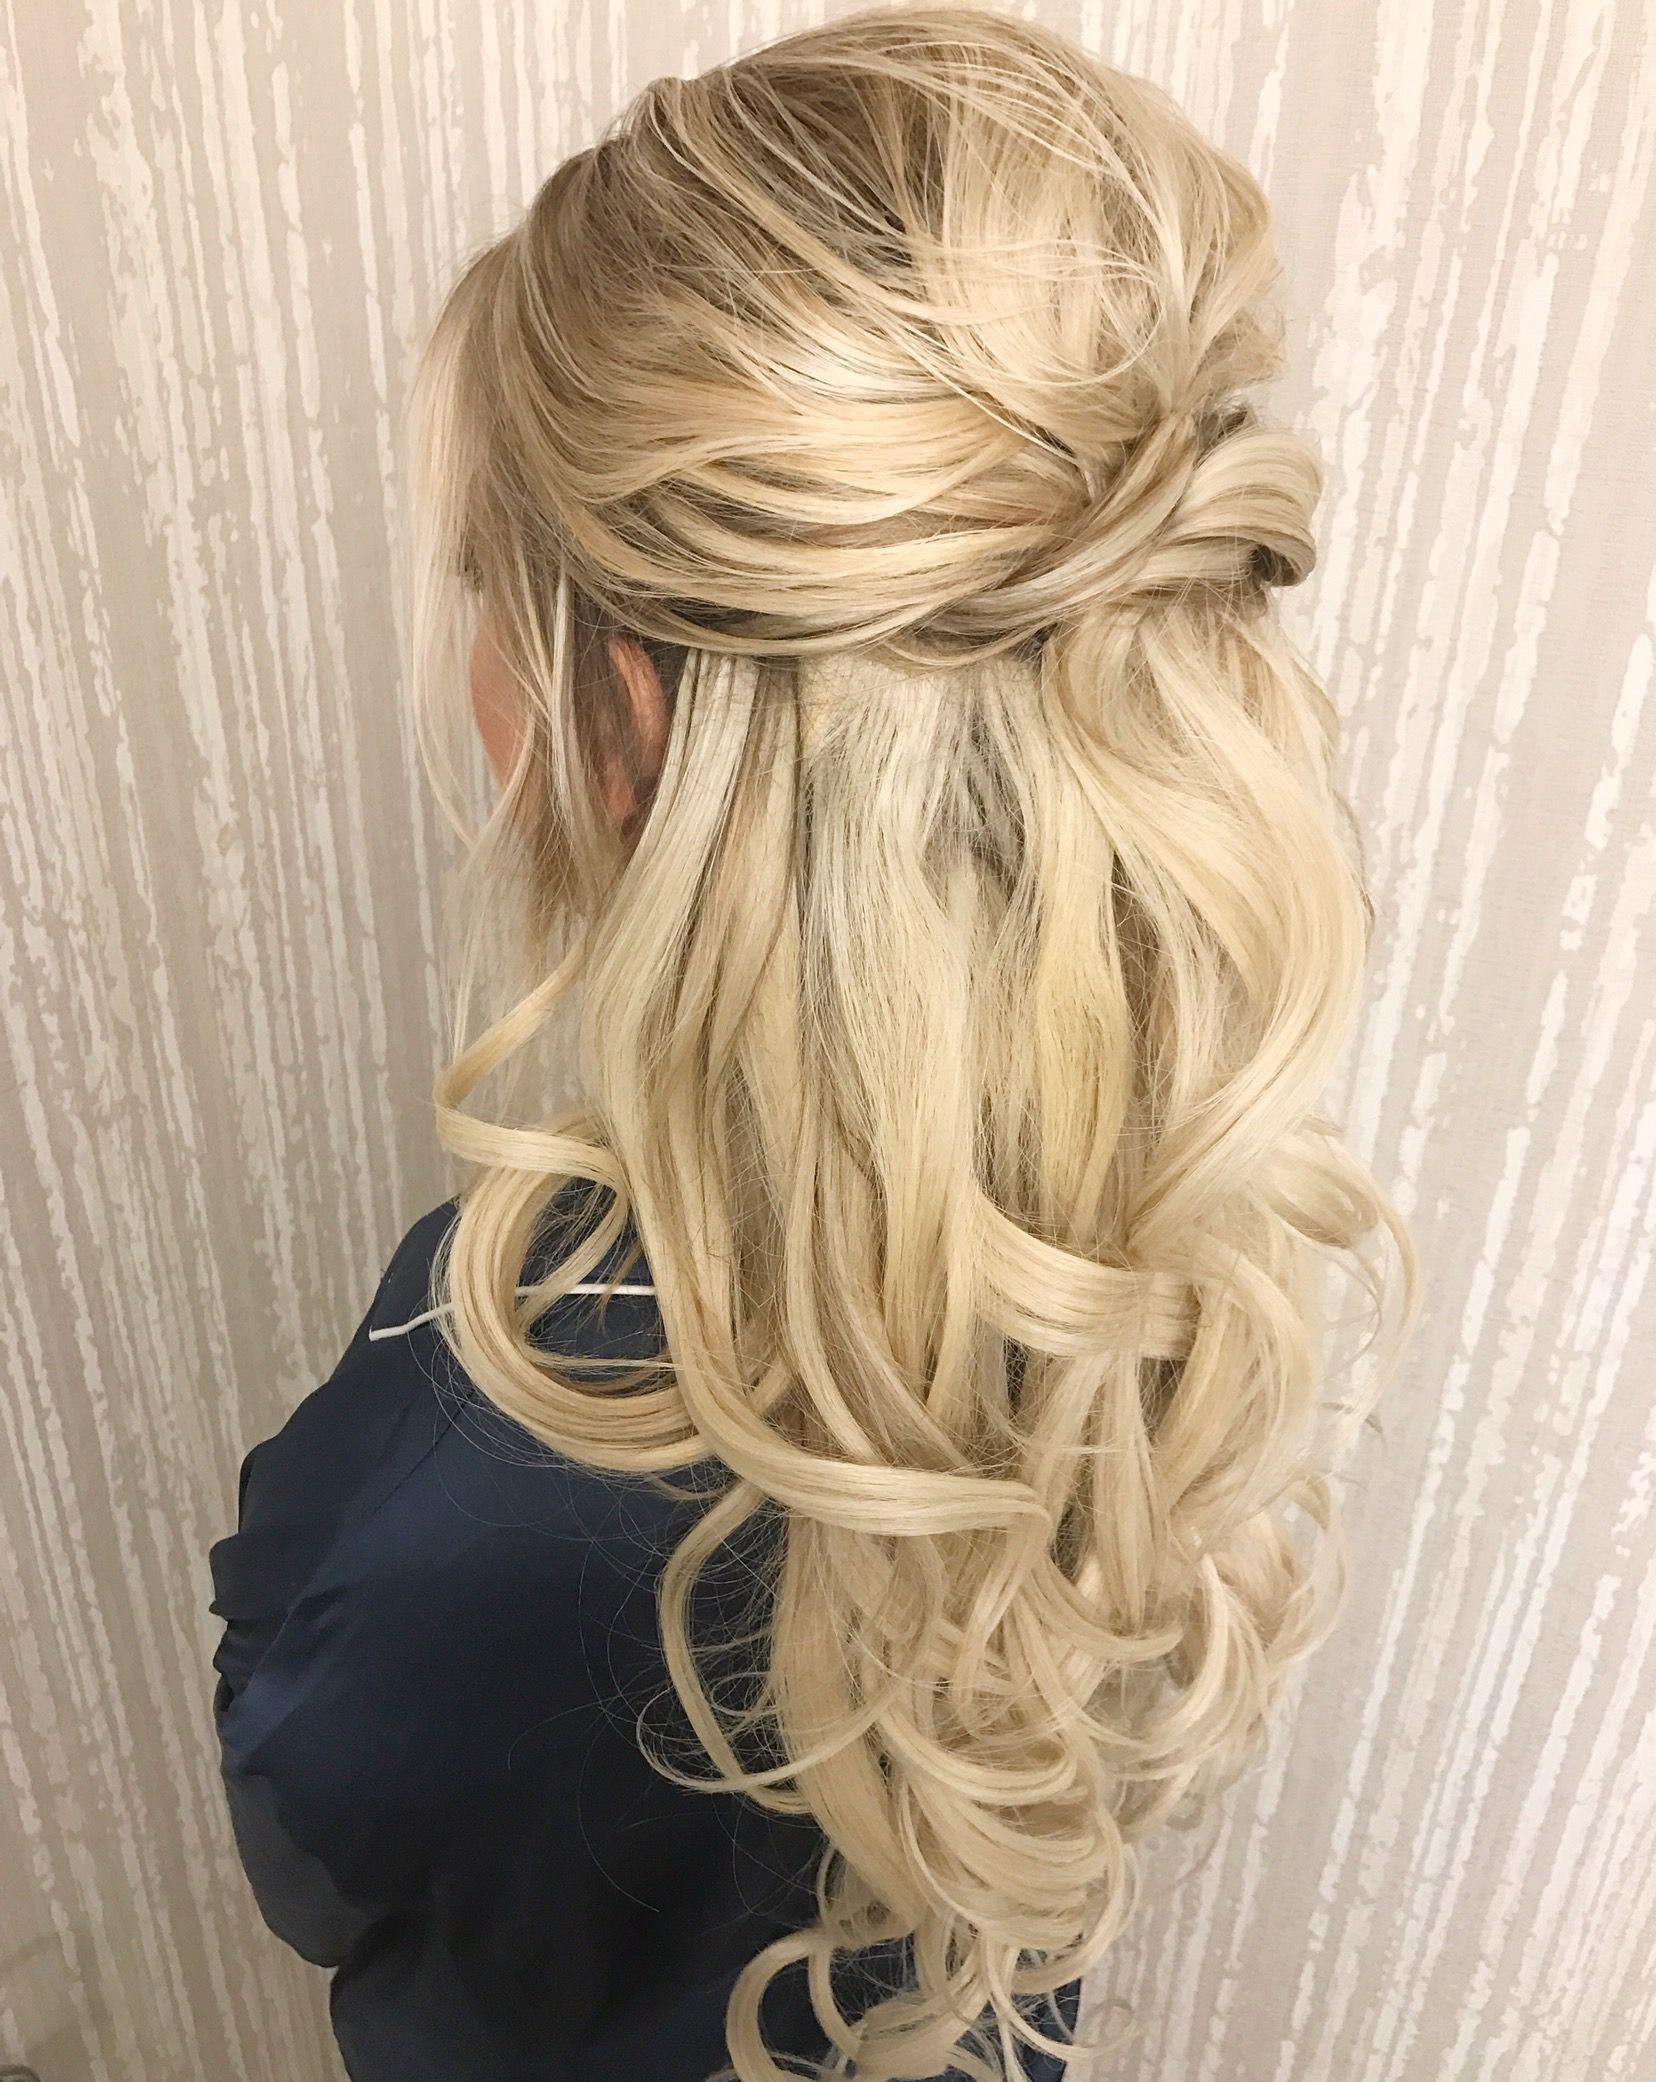 Elegante Frisur Hochzeit - Neu Frisuren 9  Hochzeitsfrisuren